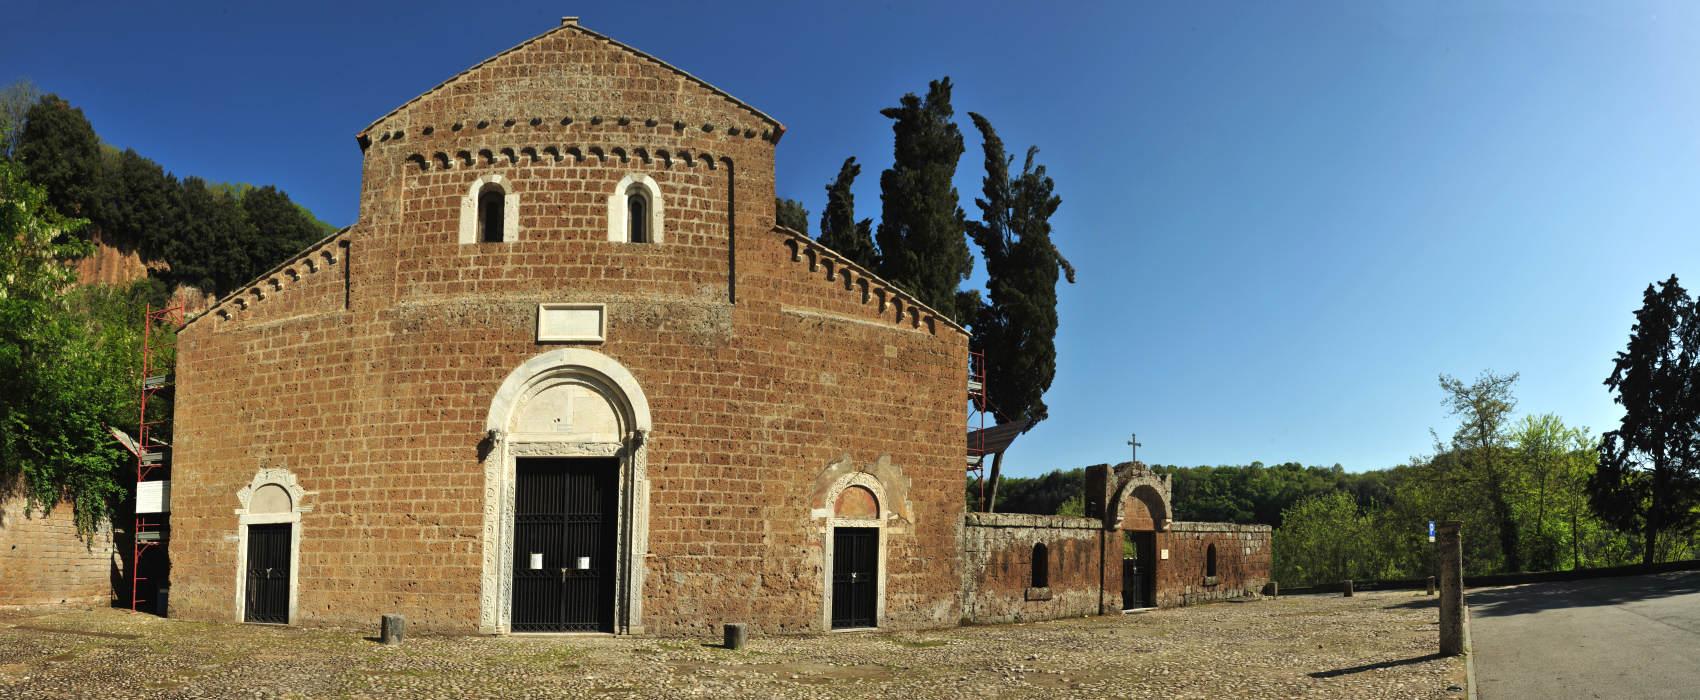 Sospensione dell'apertura della Basilica di Sant'Elia  e del Museo della Spiritualità